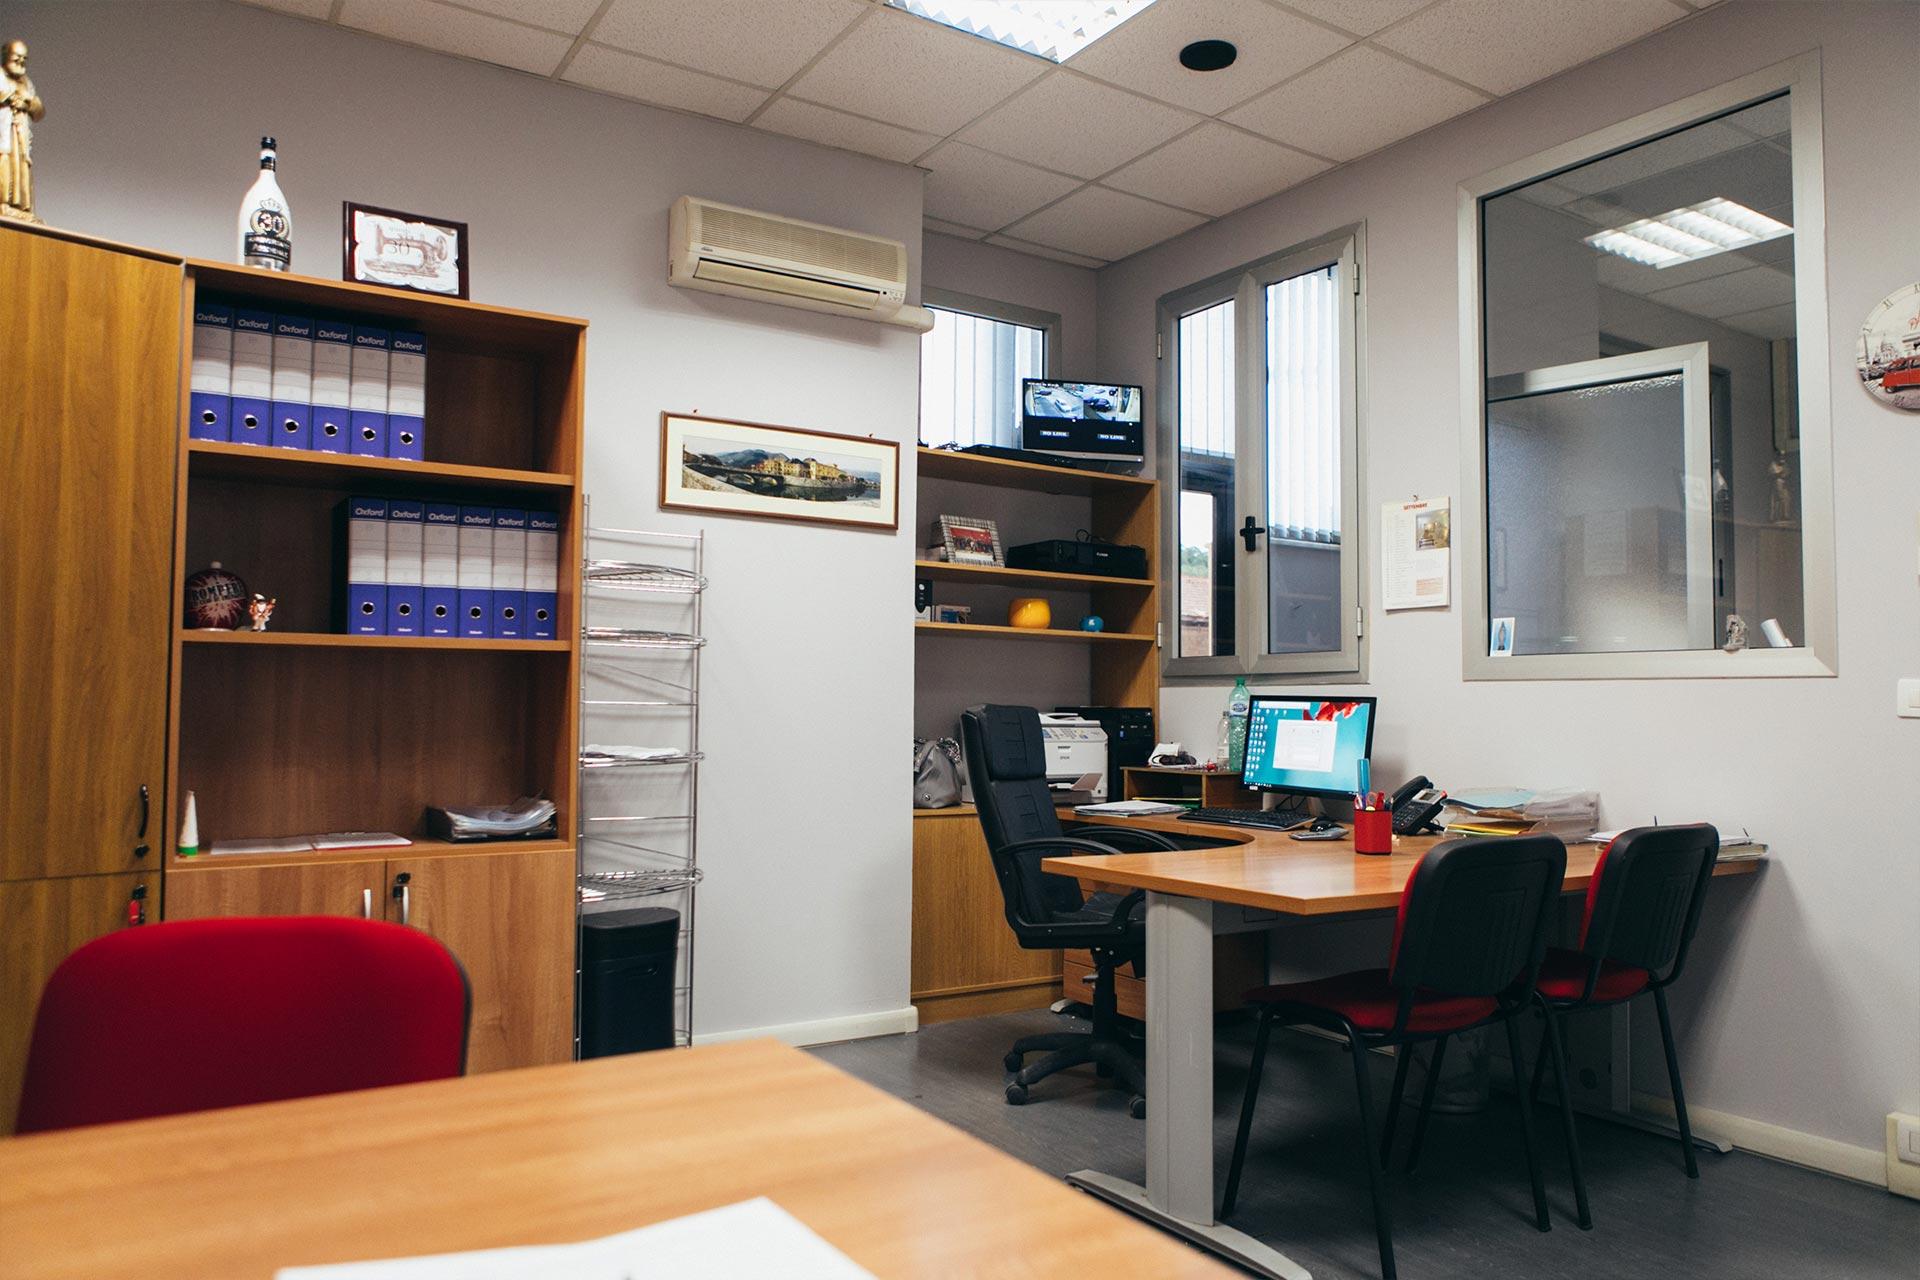 dgl-azienda-ufficio